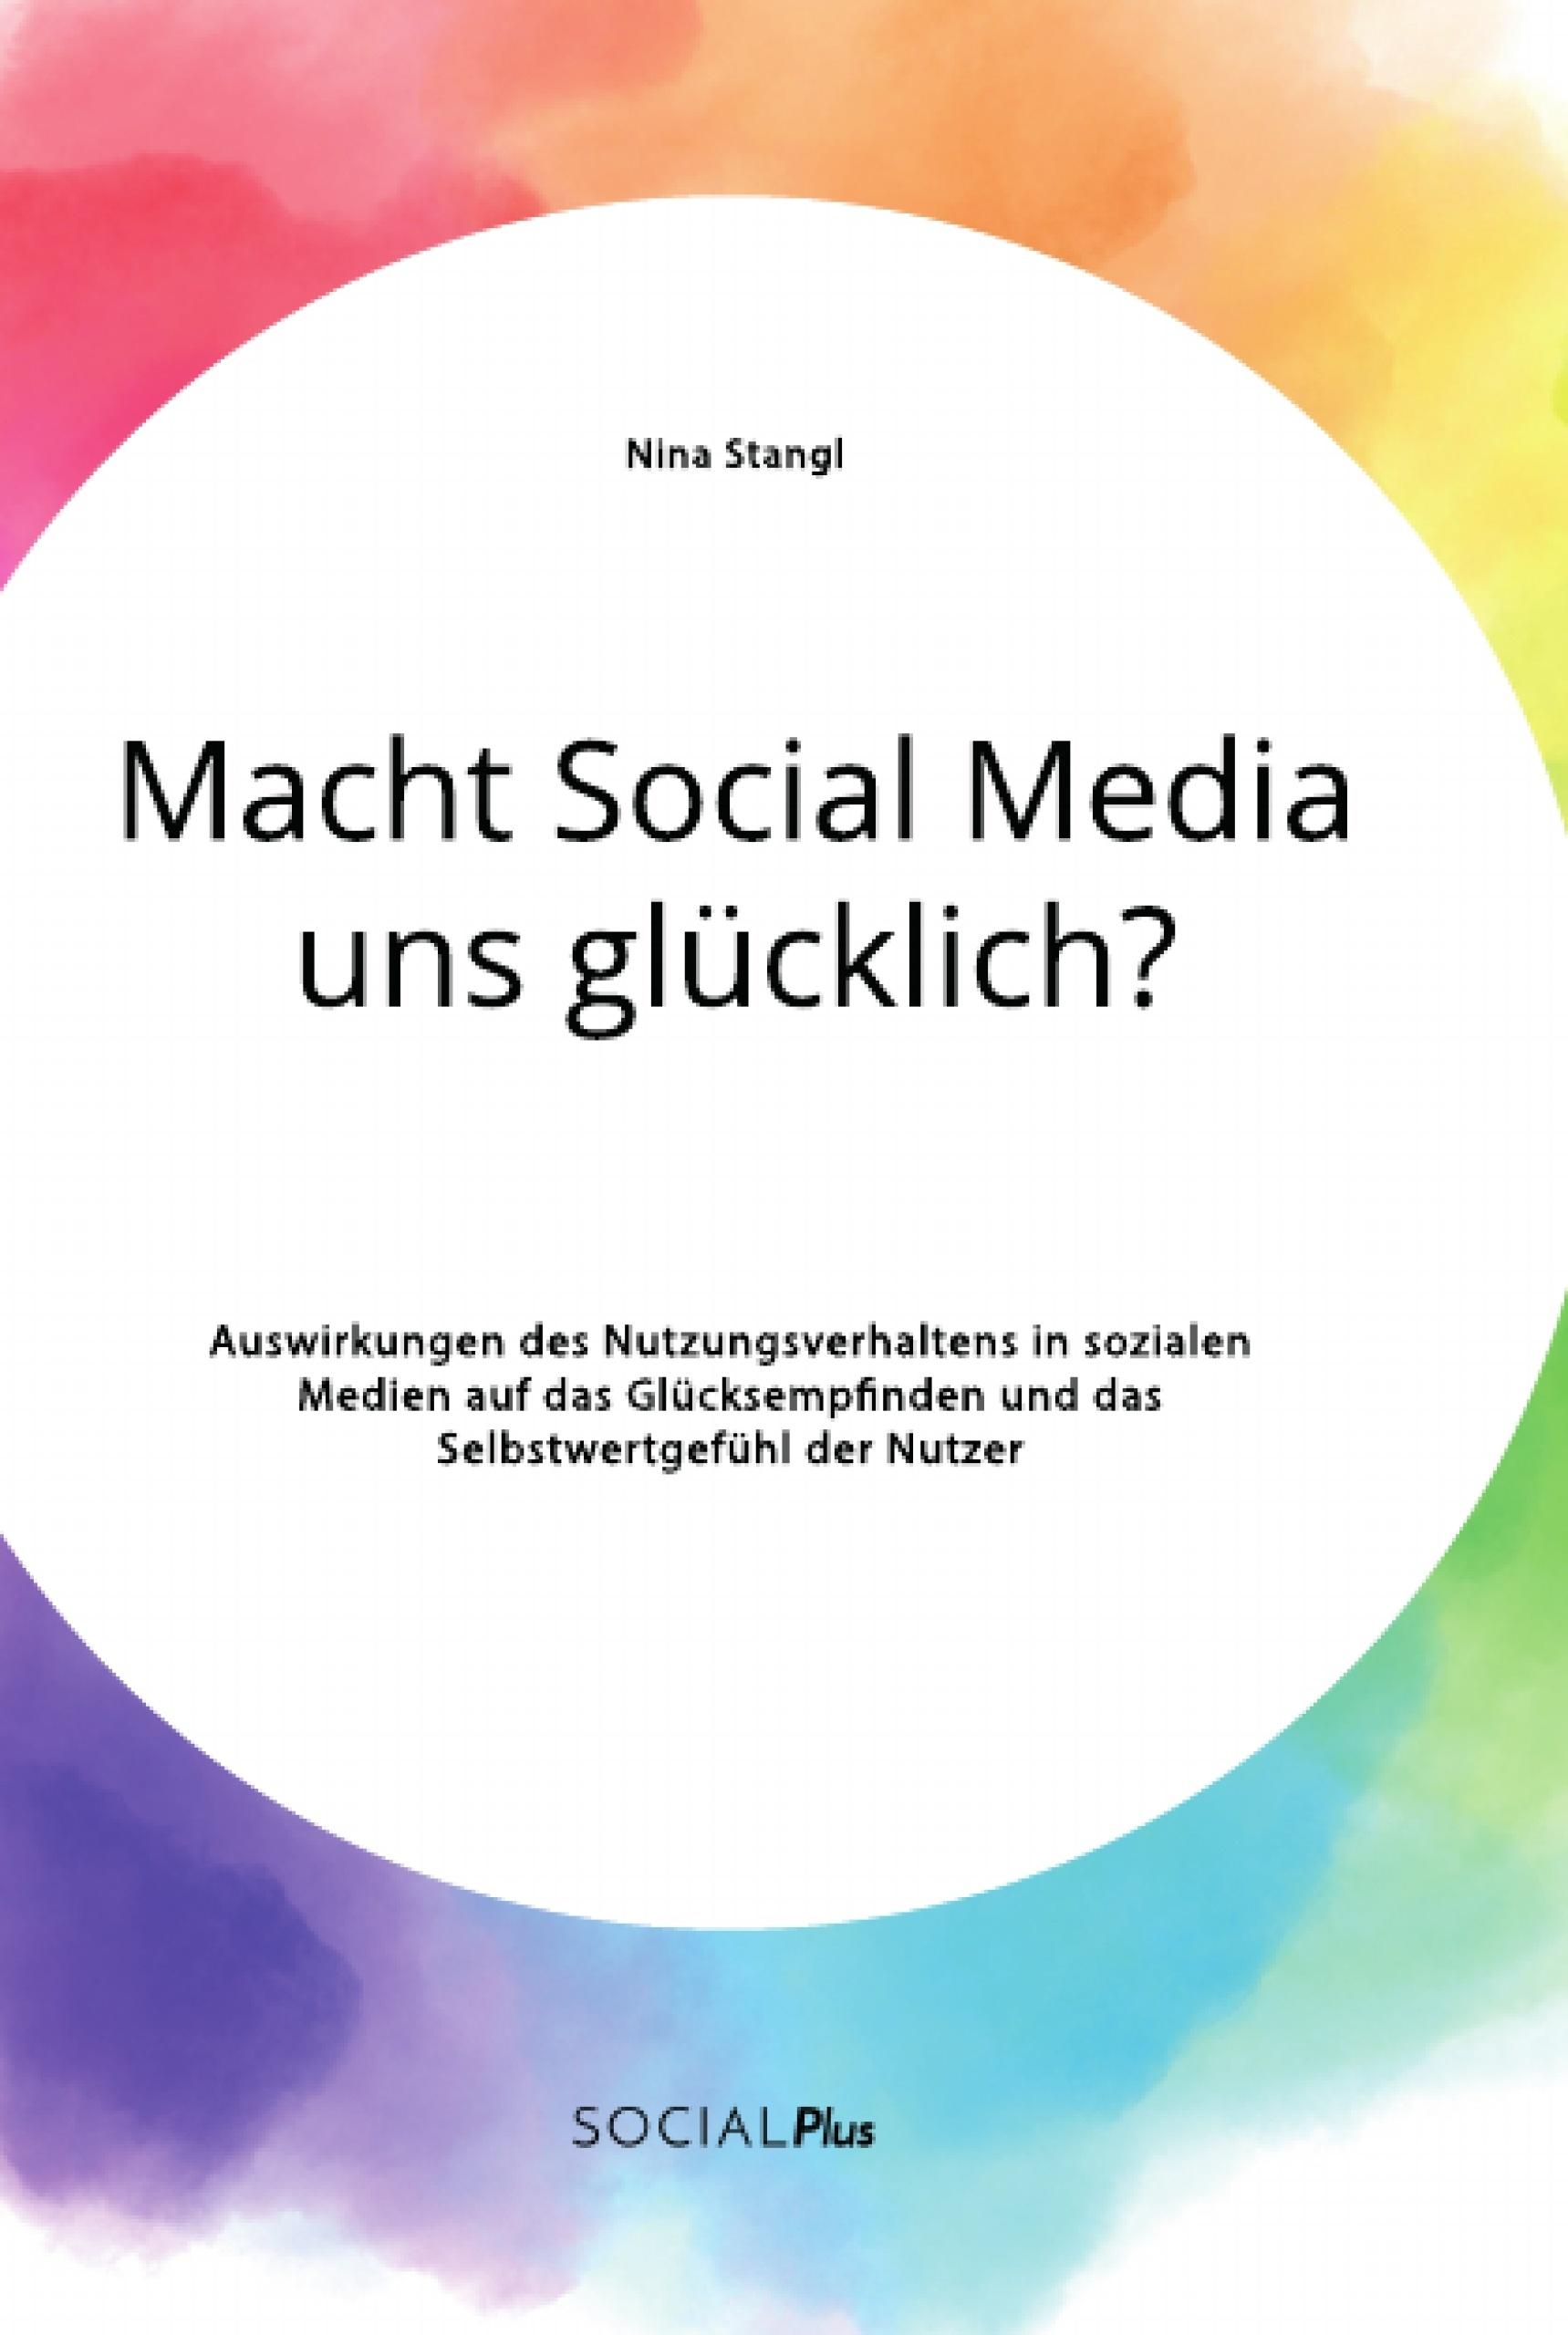 Titel: Macht Social Media uns glücklich? Auswirkungen des Nutzungsverhaltens in sozialen Medien auf das Glücksempfinden und das Selbstwertgefühl der Nutzer